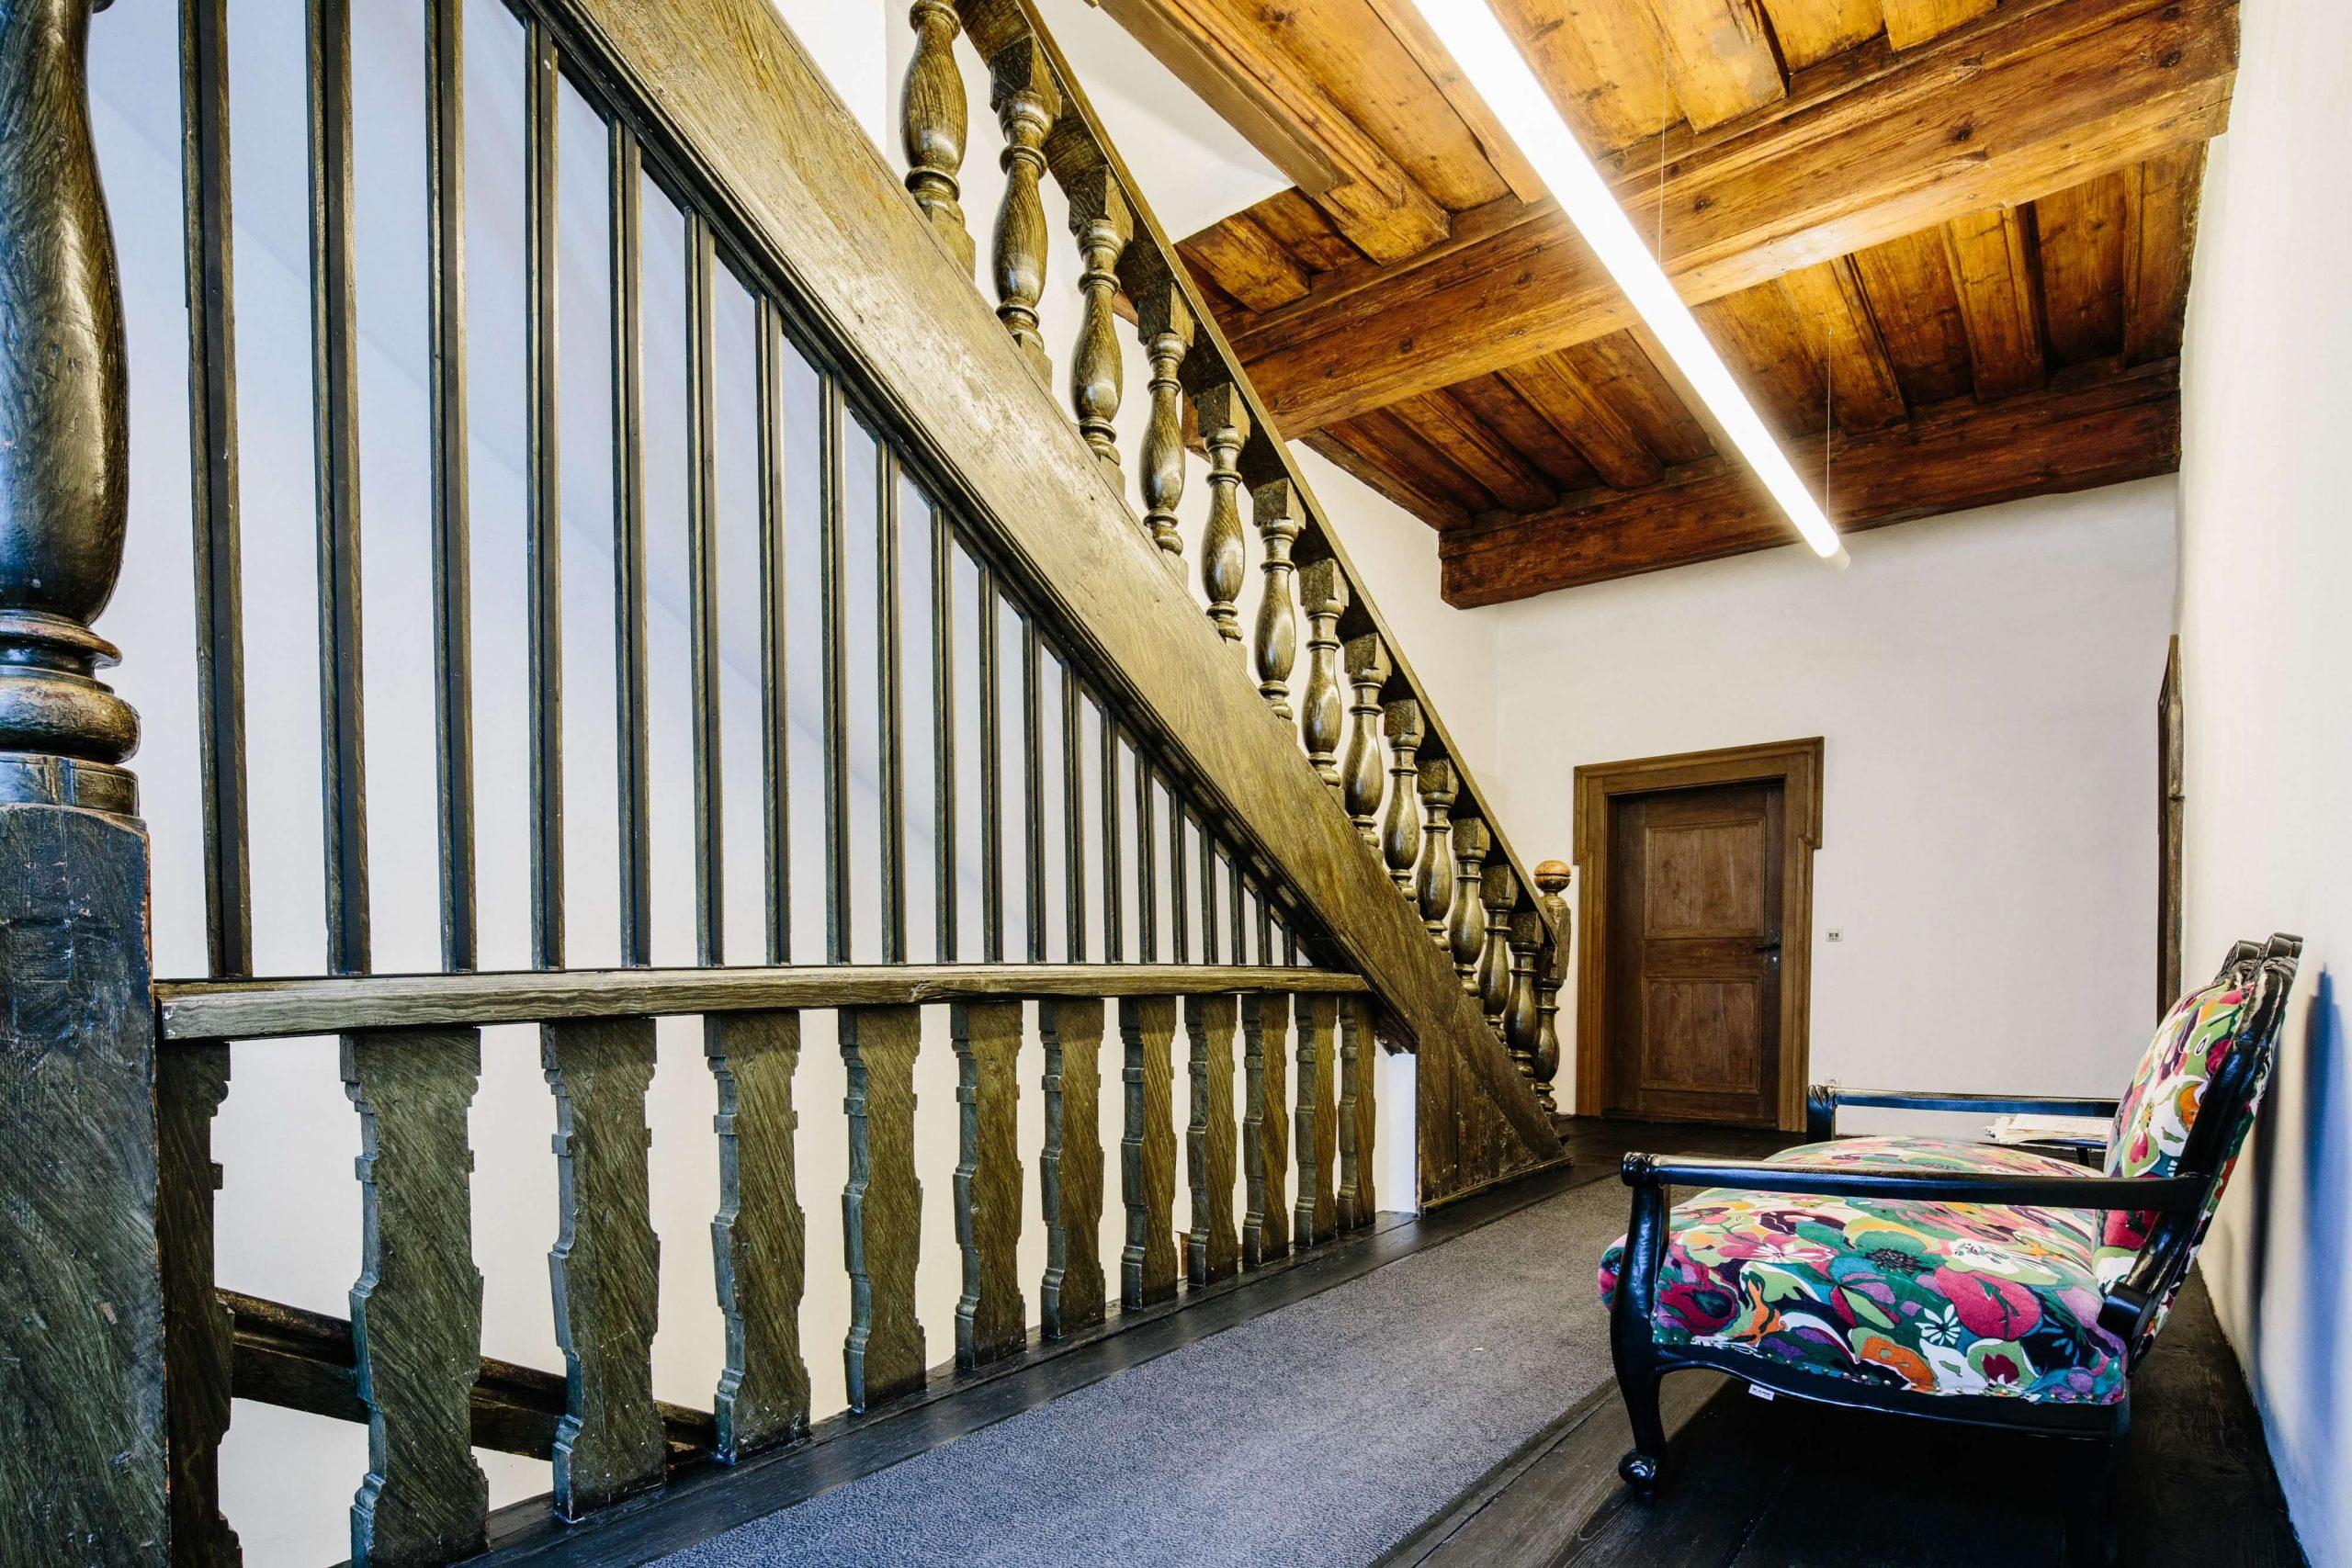 Die Büros von Marcus Brenner und Helga Brandstetter schließen sich direkt an den Eingangsbereich im ersten Stock an und bieten eine Kombination aus rustikalen Stil kombiniert mit modernen Elementen. Die Treppe führt zu weiteren Büroräumlichkeiten im zweiten und dritten Stock.